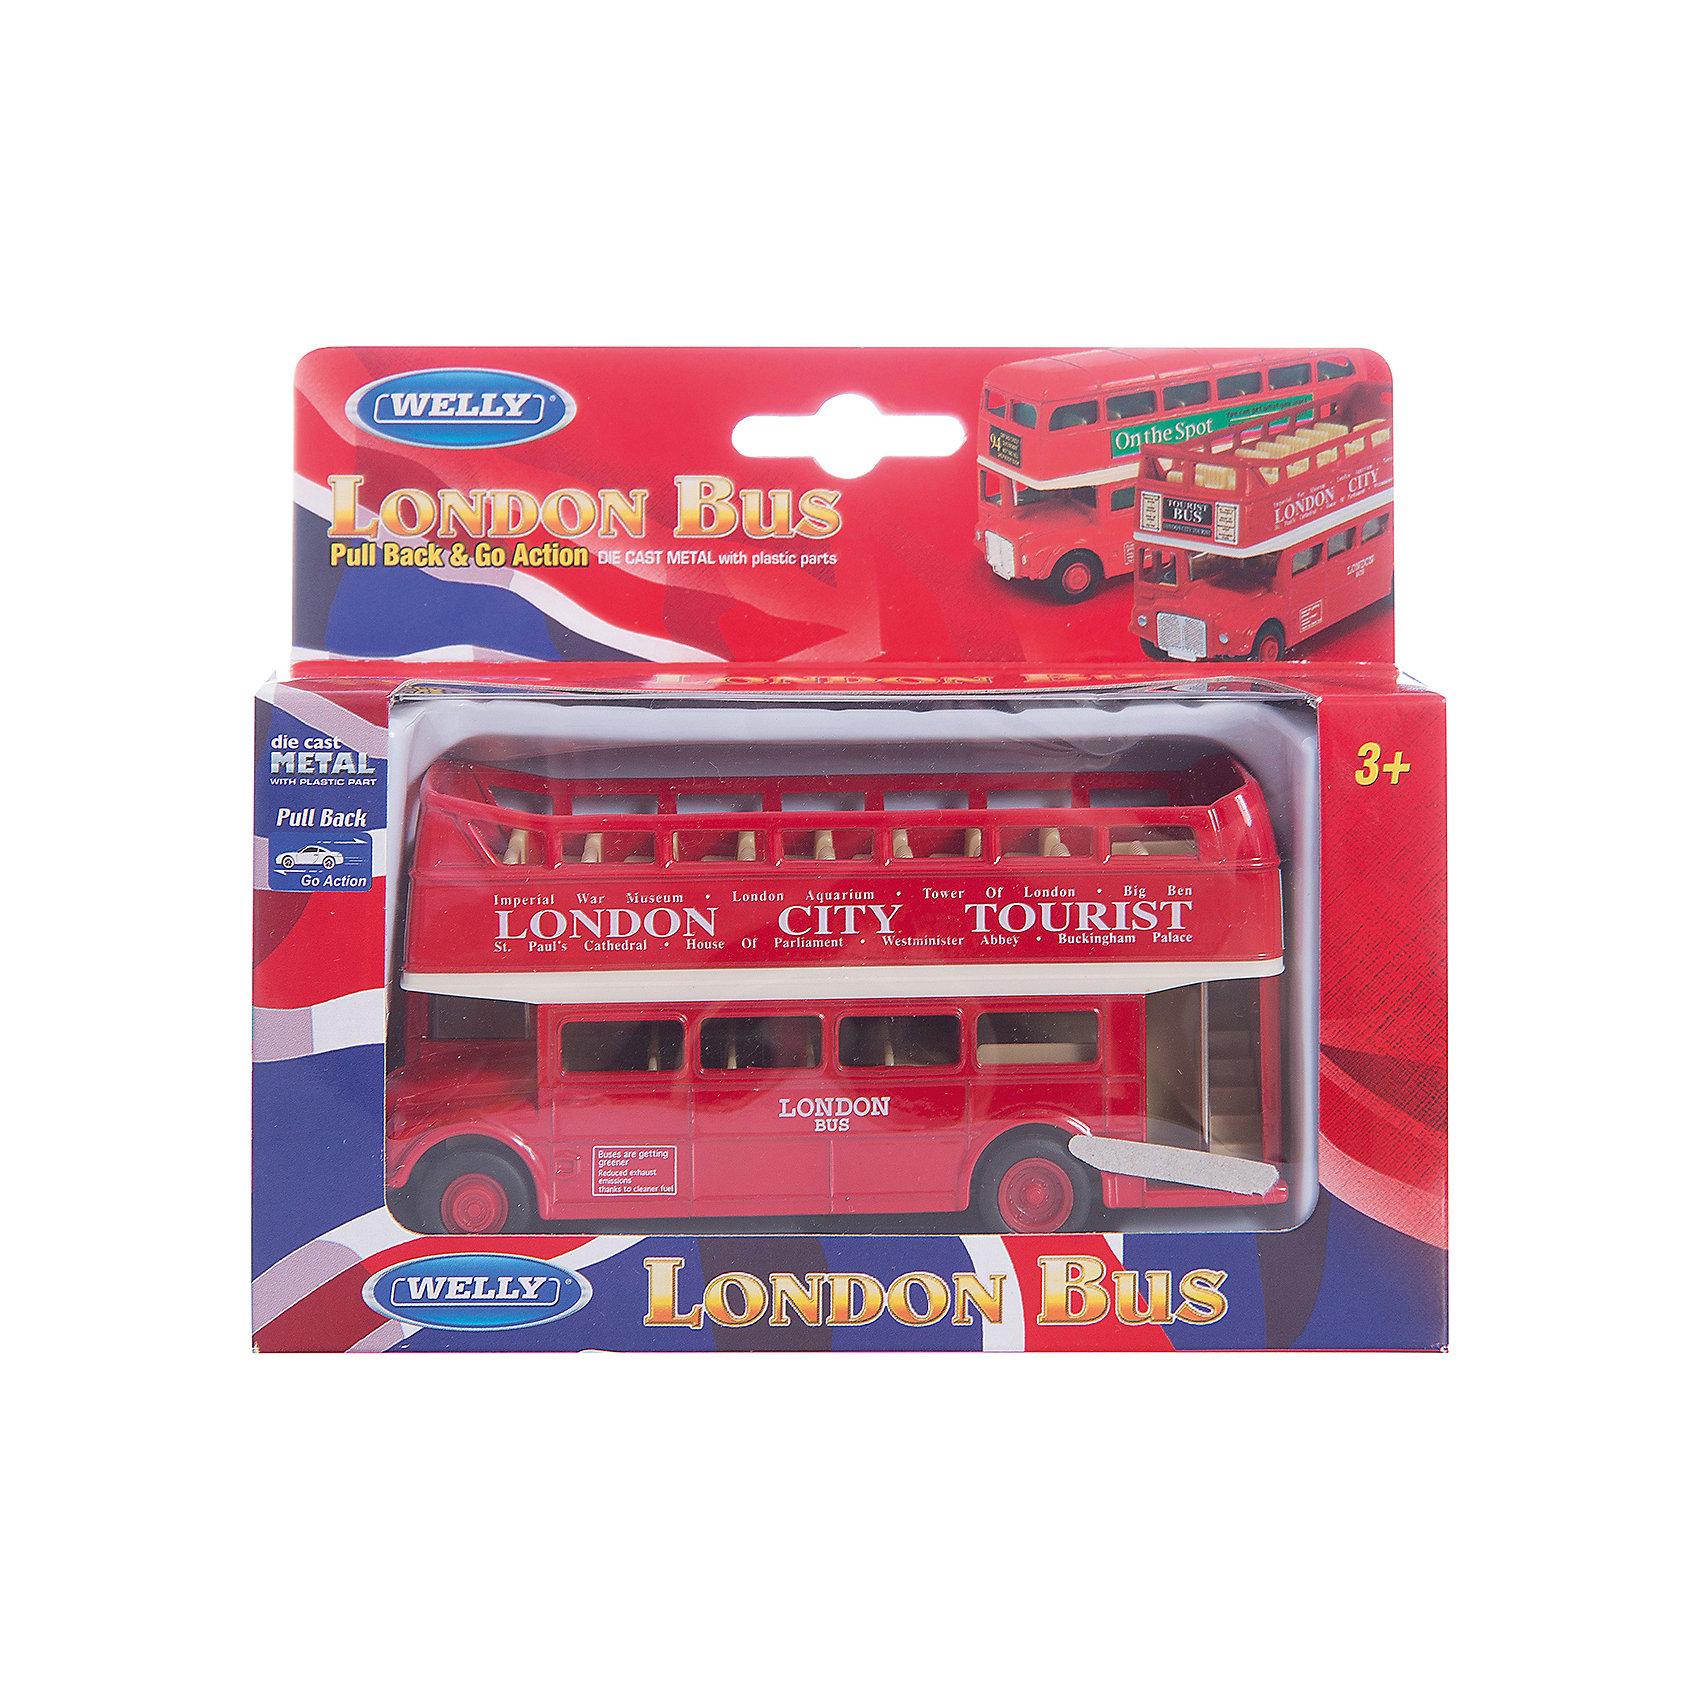 Модель автобуса  London Bus открытый, WellyКоллекционные модели<br>Модель автобуса от производителя Welly 1:60-64 London Bus открытый<br>Функции: инерционный механизм.<br>Цвет кузова автомобиля представлен в ассортименте. Выбрать определенный цвет заранее не представляется возможным.<br><br>Ширина мм: 50<br>Глубина мм: 130<br>Высота мм: 150<br>Вес г: 239<br>Возраст от месяцев: 36<br>Возраст до месяцев: 192<br>Пол: Мужской<br>Возраст: Детский<br>SKU: 4966568